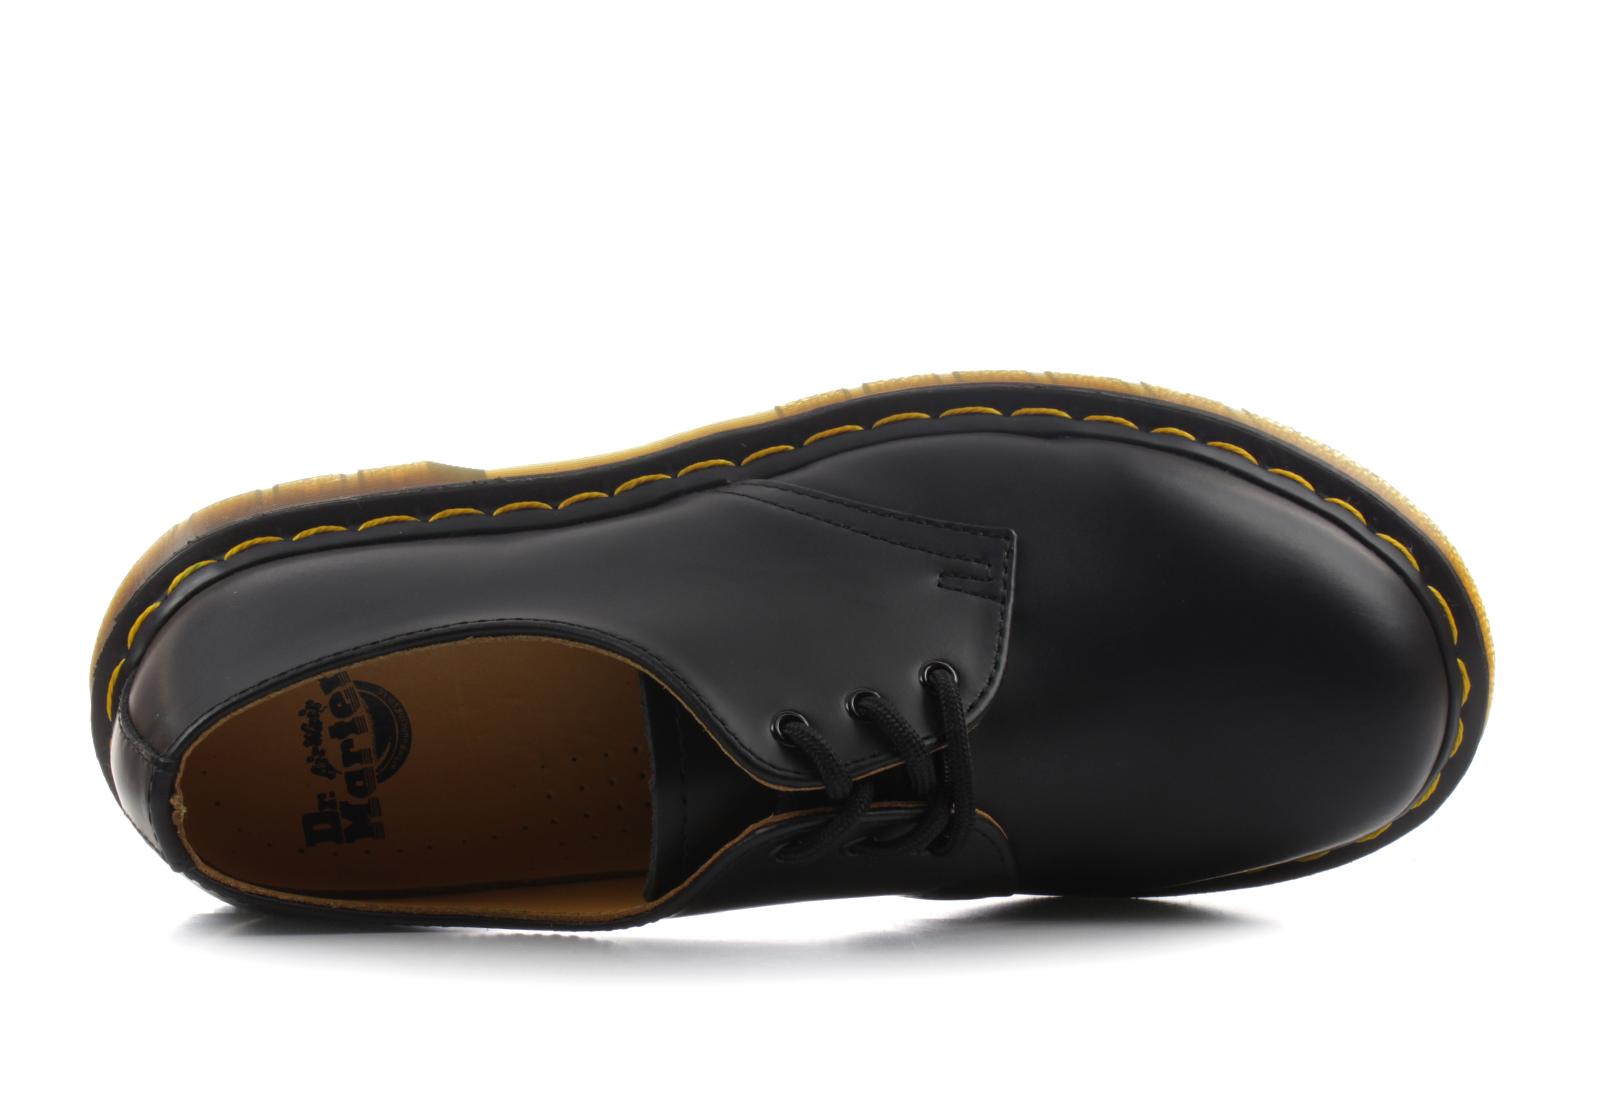 2d643f7f27 Dr Martens Cipő - 1461 - 3 Eye Shoe - DM11837002 - Office Shoes ...